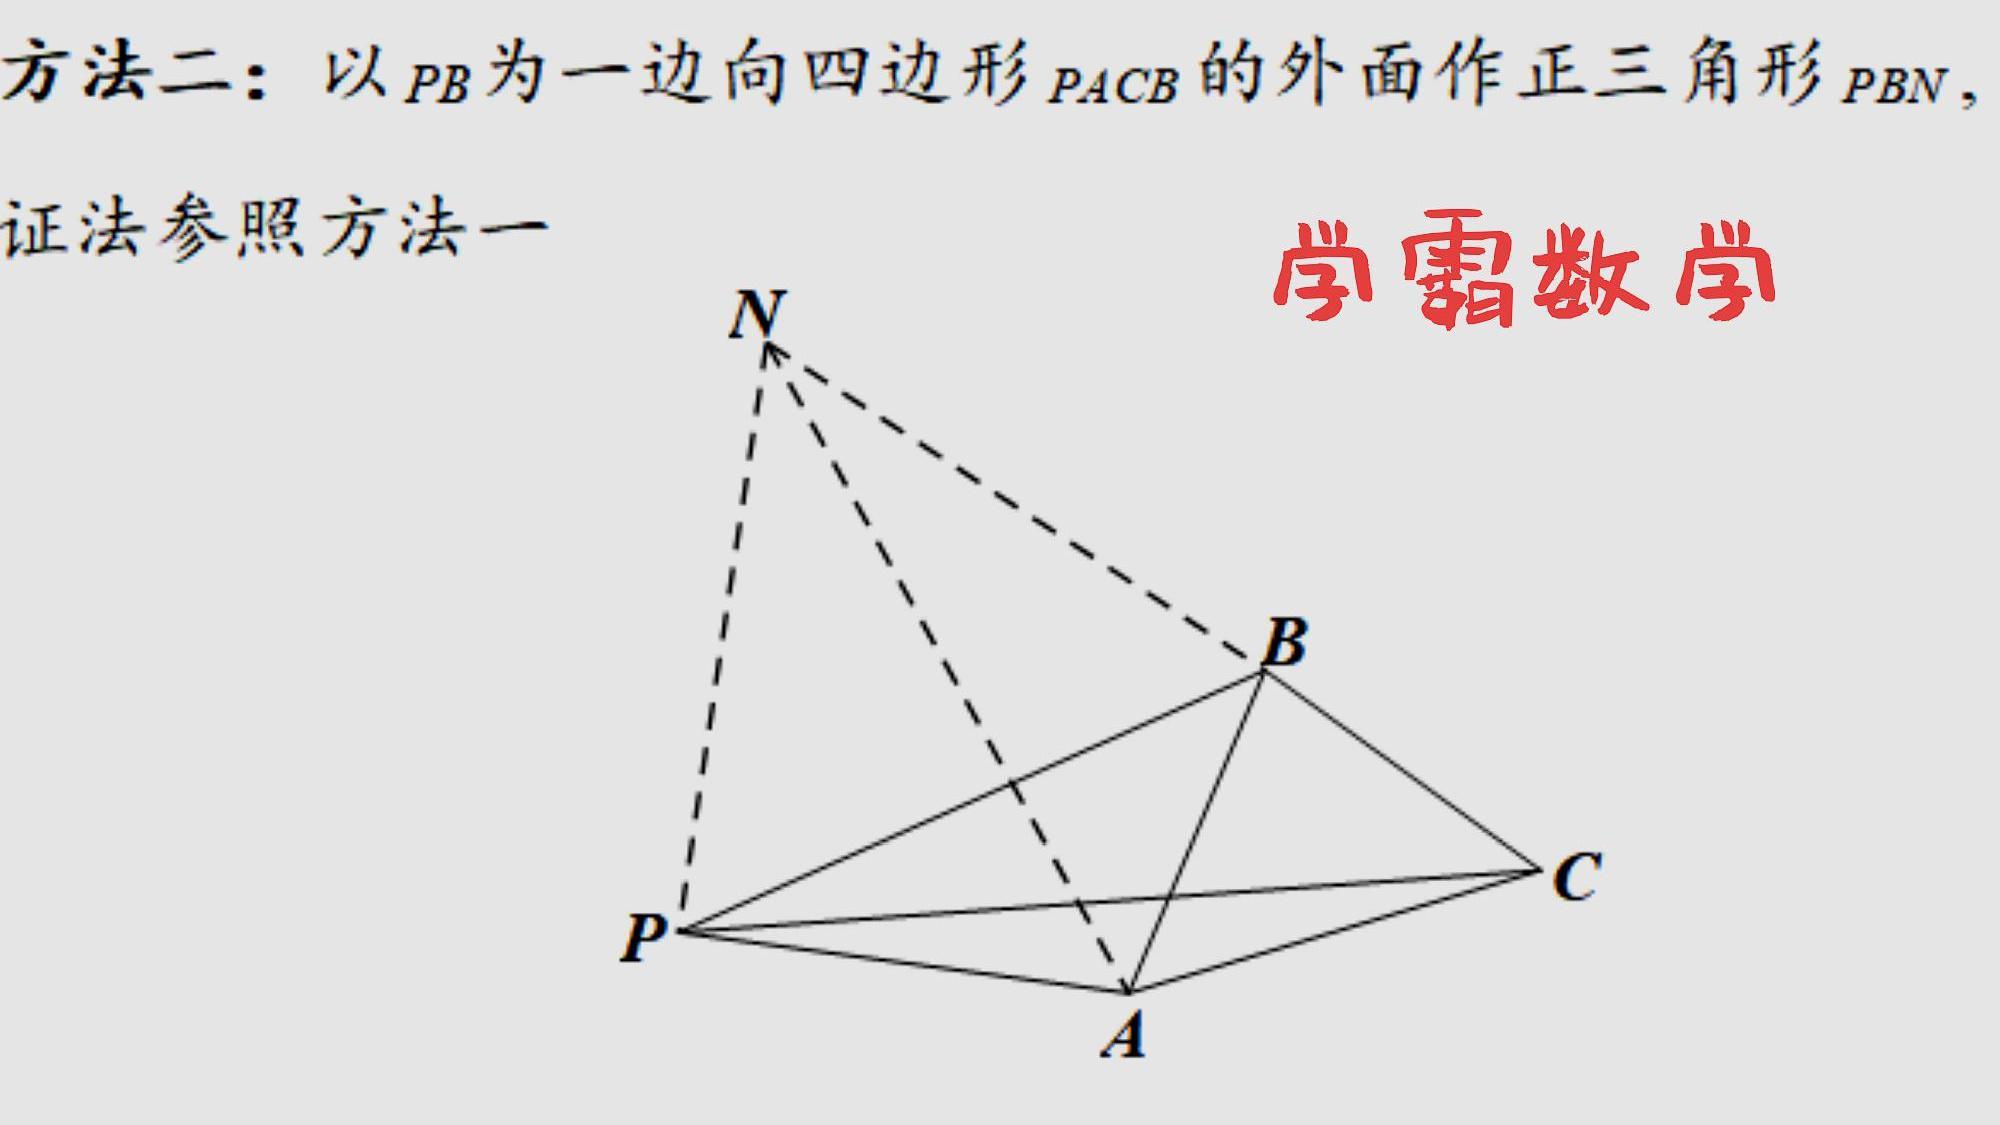 一道常见旋转题目的扩展,三种方法解决角度问题